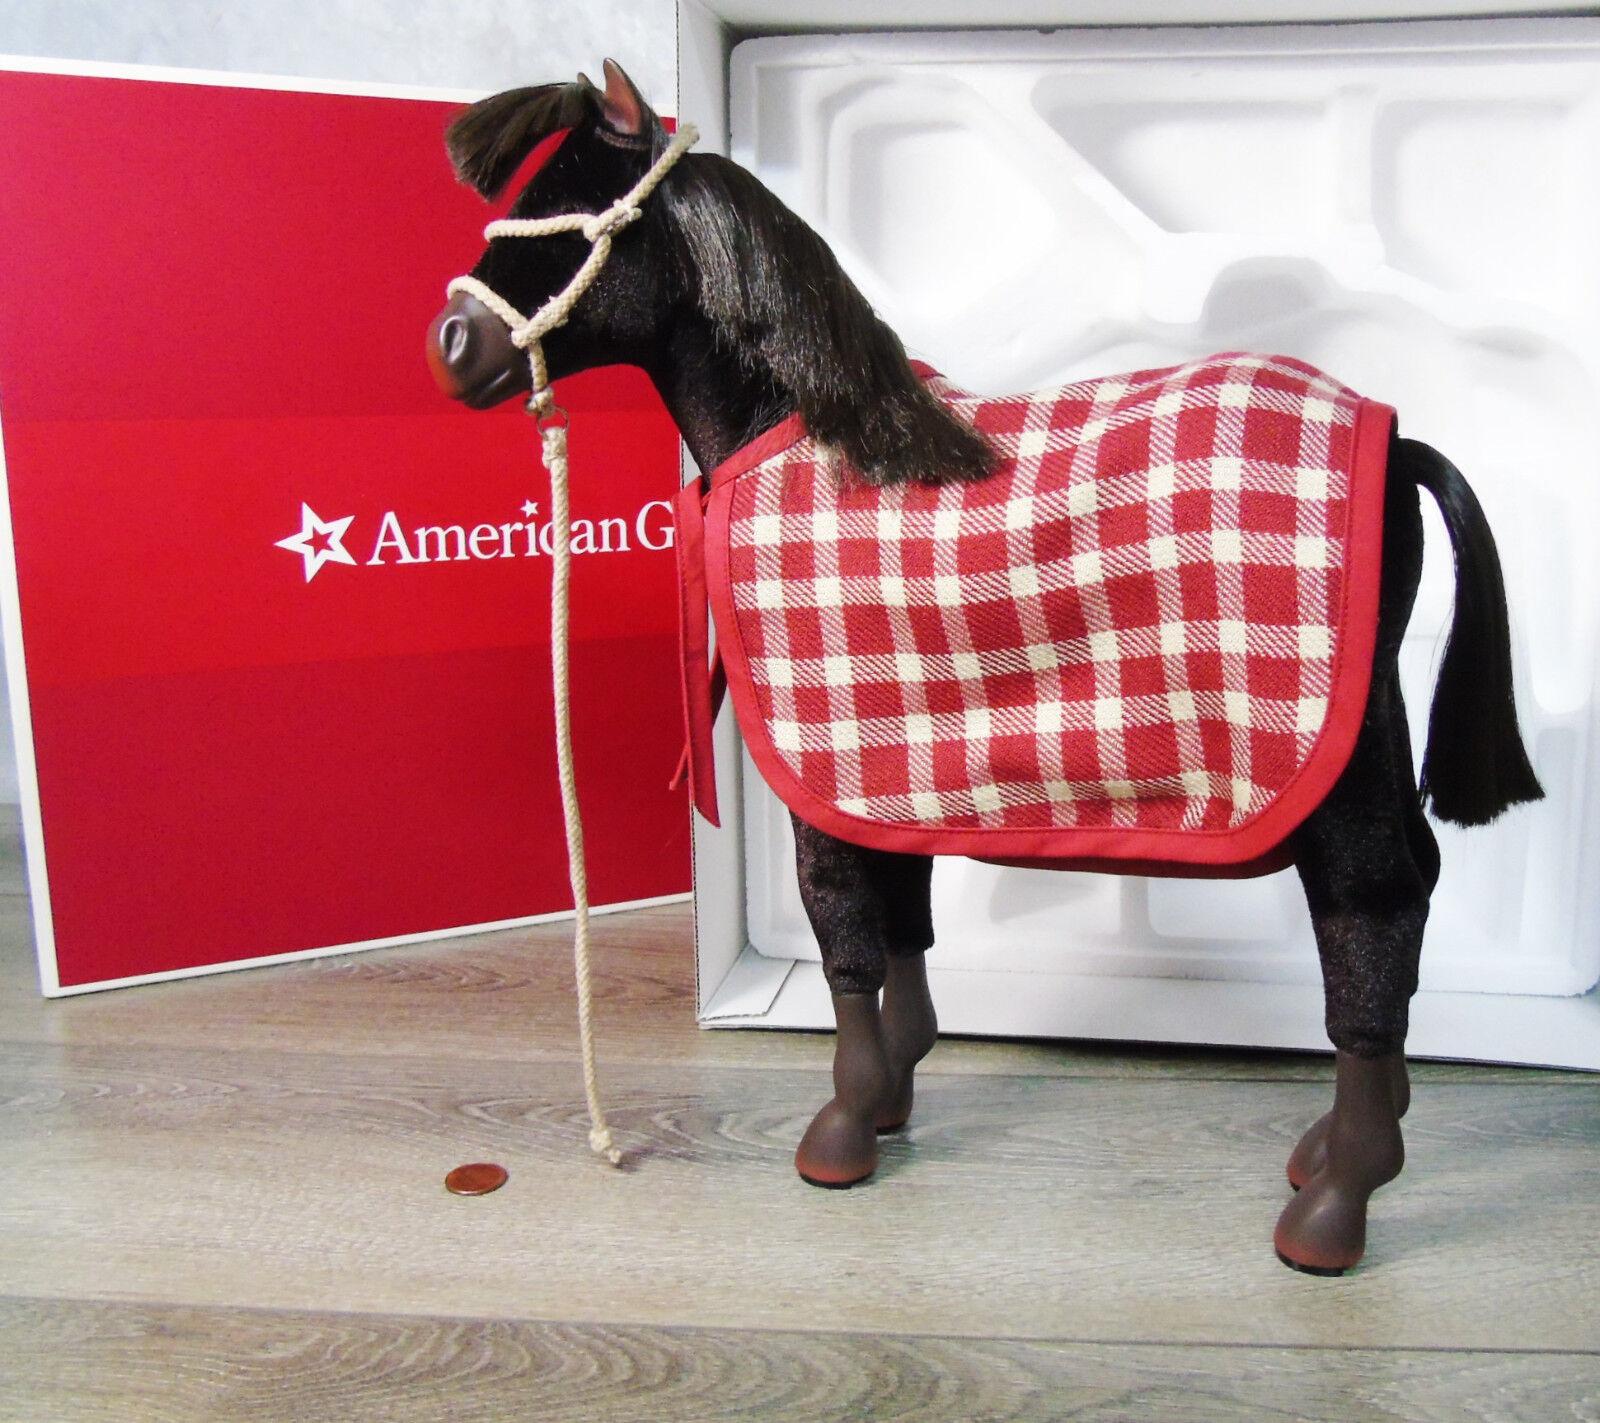 Nuevo American Girl Doll felicidad Potro Caballo Patriot Mascota Manta Halter Plomo Caja